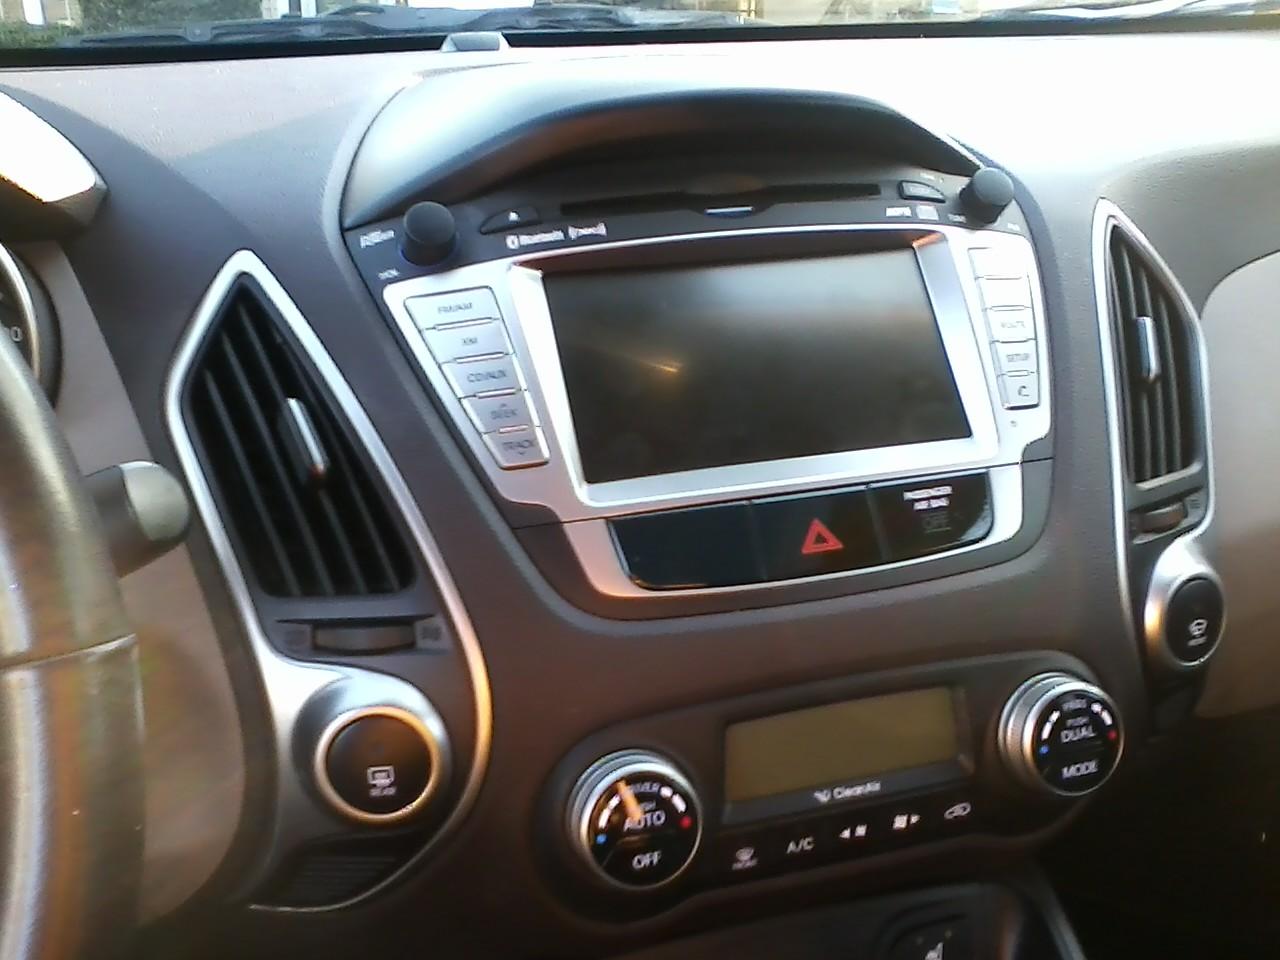 2011 Hyundai Tucson Interior Pictures Cargurus